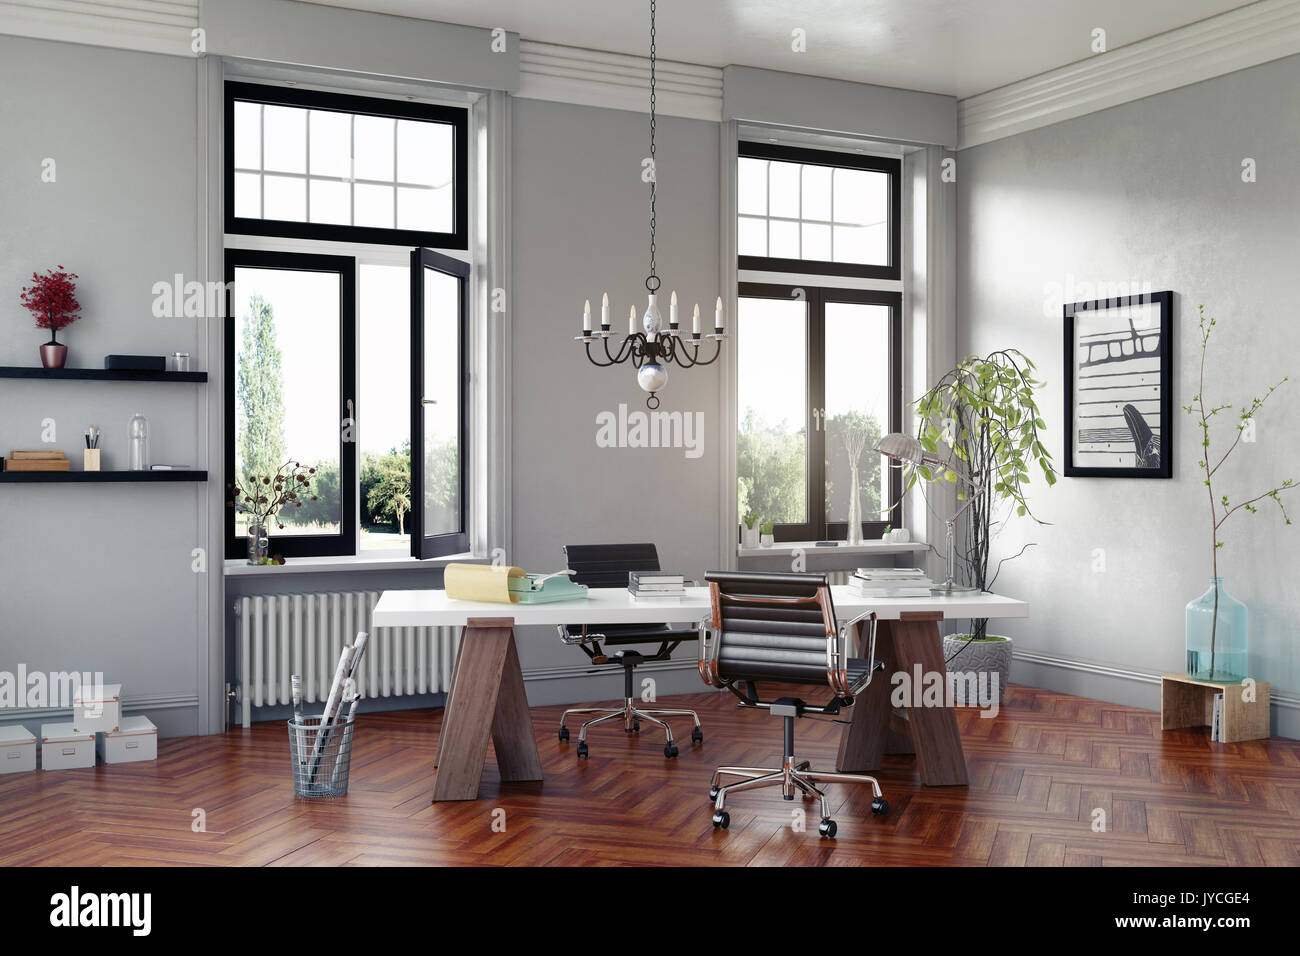 Moderne Zimmer mit Tisch und Sesseln. 3D Rendering Stockbild